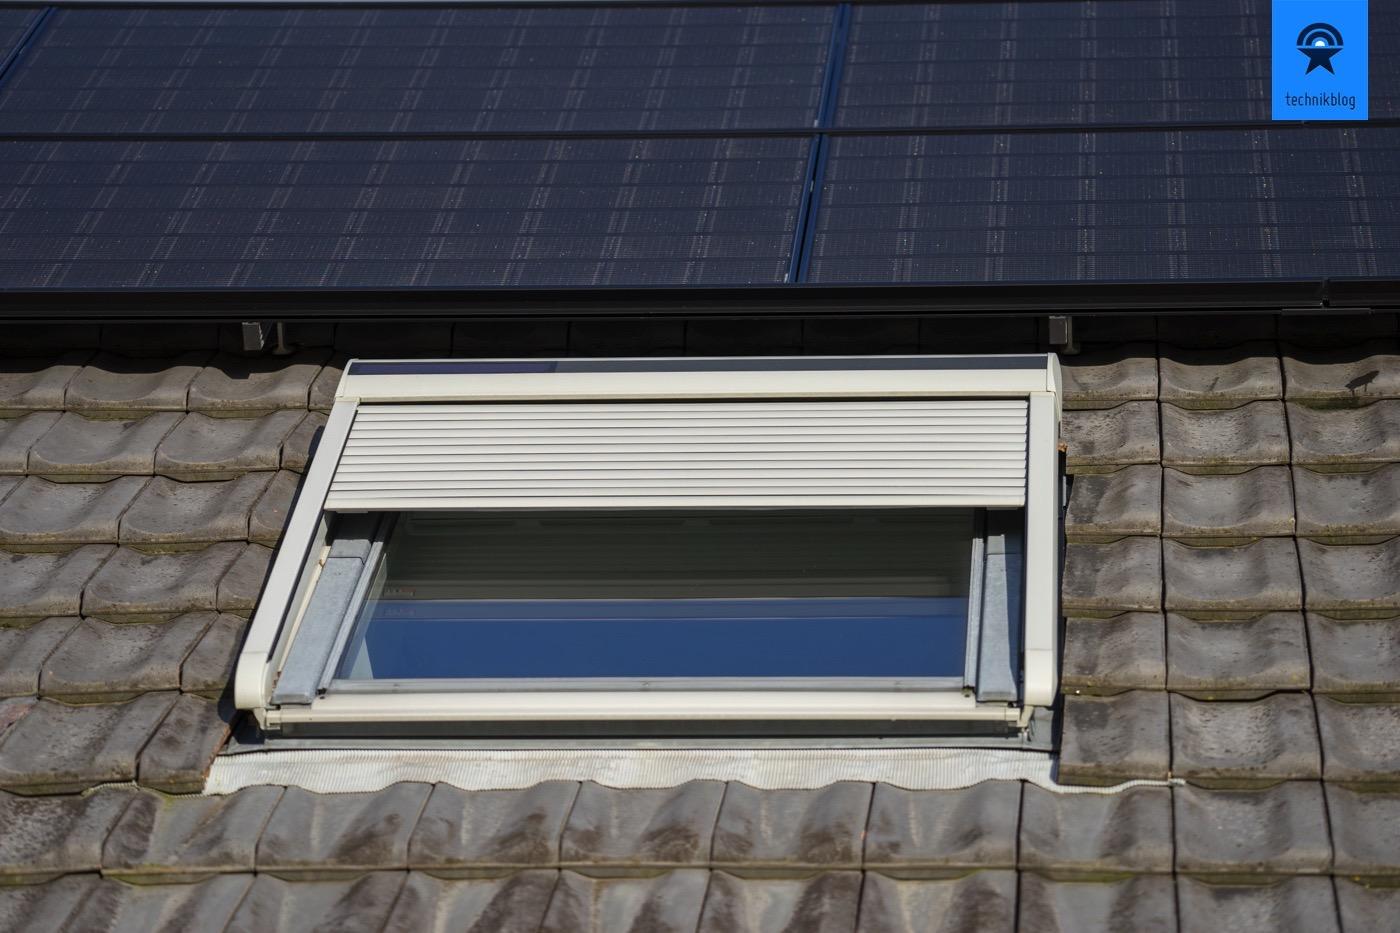 Full Size of Velux Fenster Veludachfenster Ber Loxone Direkt Mit Klf200 Ansteuern Günstig Kaufen Standardmaße Landhaus Sichtschutzfolien Für Wärmeschutzfolie Fenster Velux Fenster